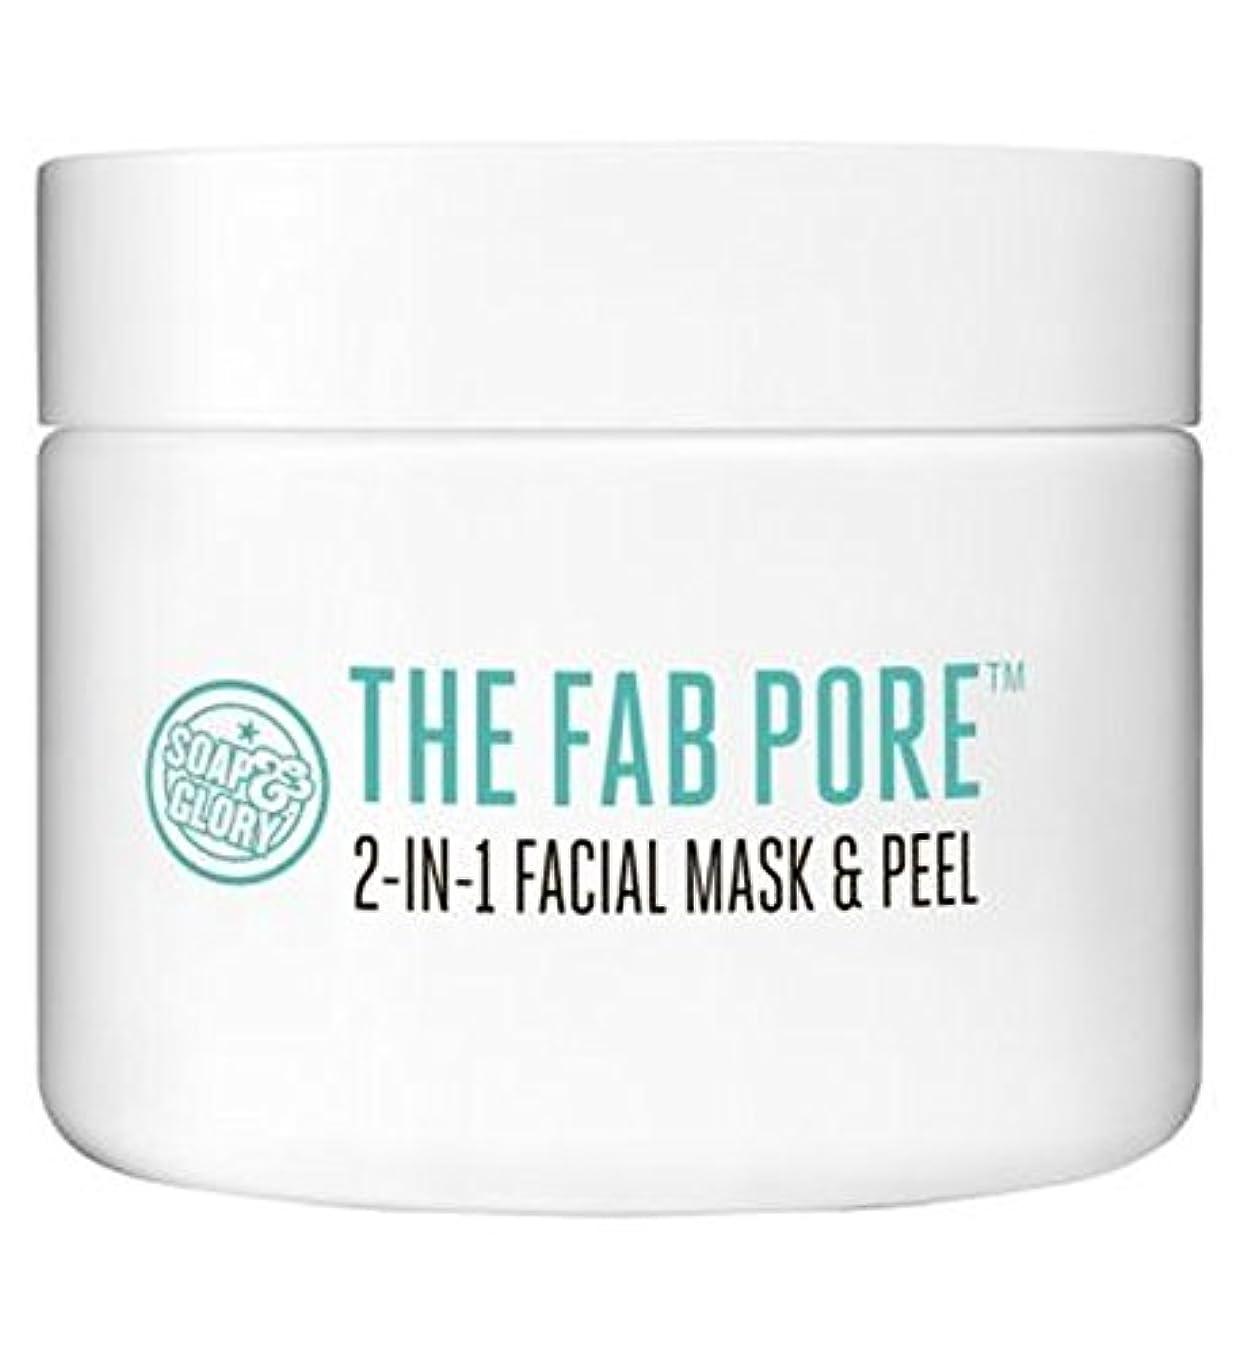 クランシーガジュマル運動するSoap & Glory? Fab Pore? 2-in-1 Facial Pore Purifying Mask & Peel - ファブ細孔?2イン1顔の細孔浄化マスク&ピール?石鹸&栄光 (Soap & Glory) [並行輸入品]